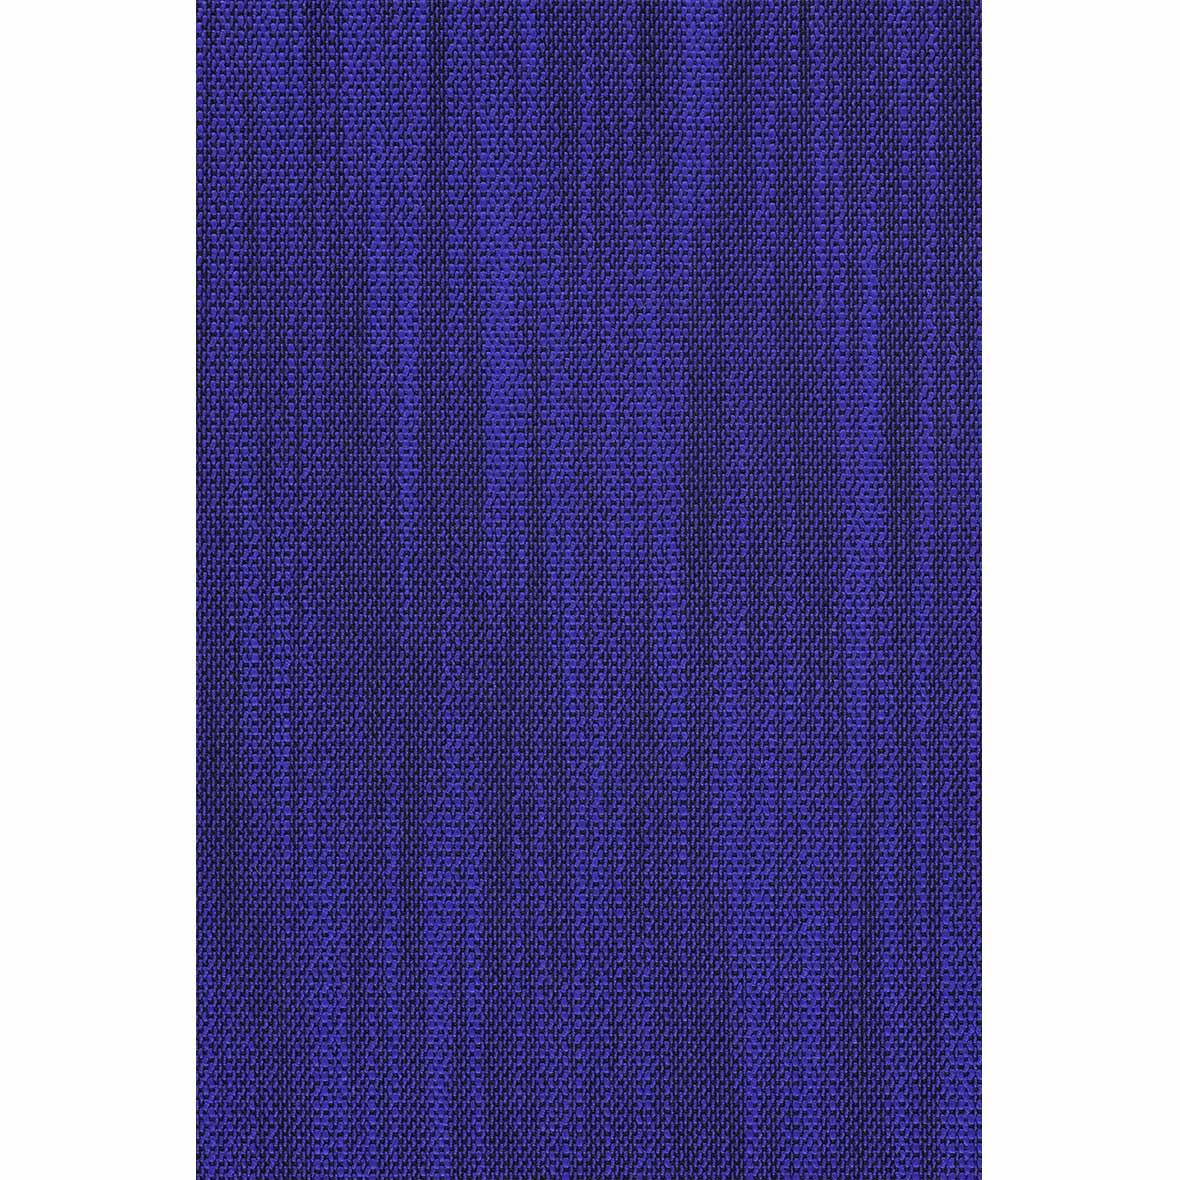 stoff lila 7715 681 de sede